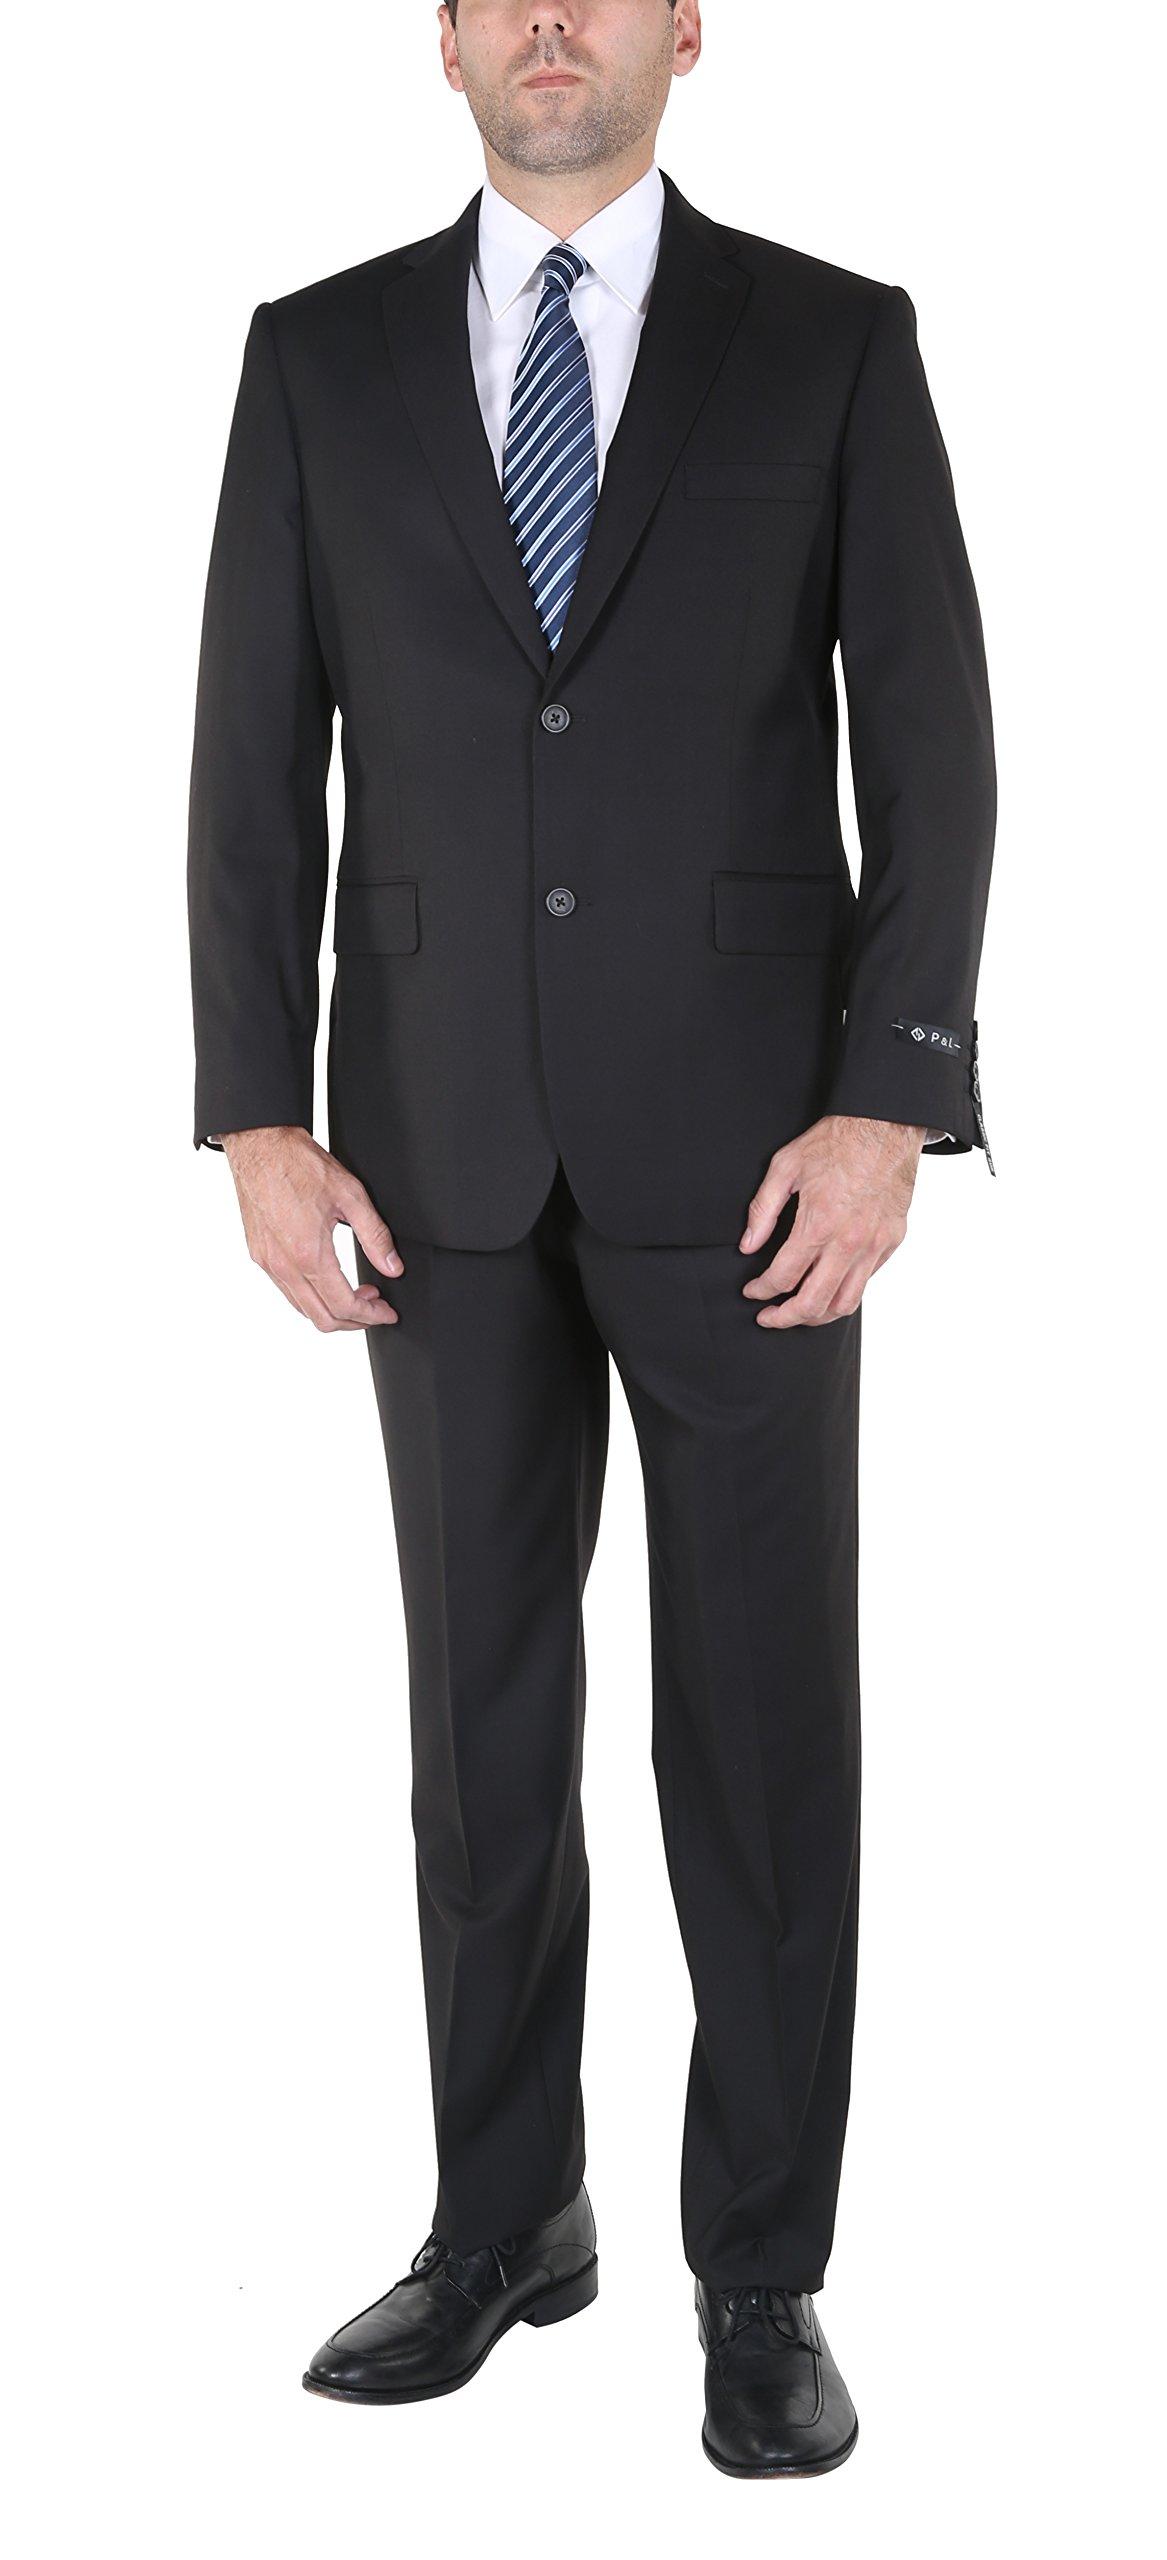 P&L Men's 2-Piece Classic Fit Office 2 Button Suit Jacket & Pleated Pants Set, Black, 52 Regular / 46 Waist